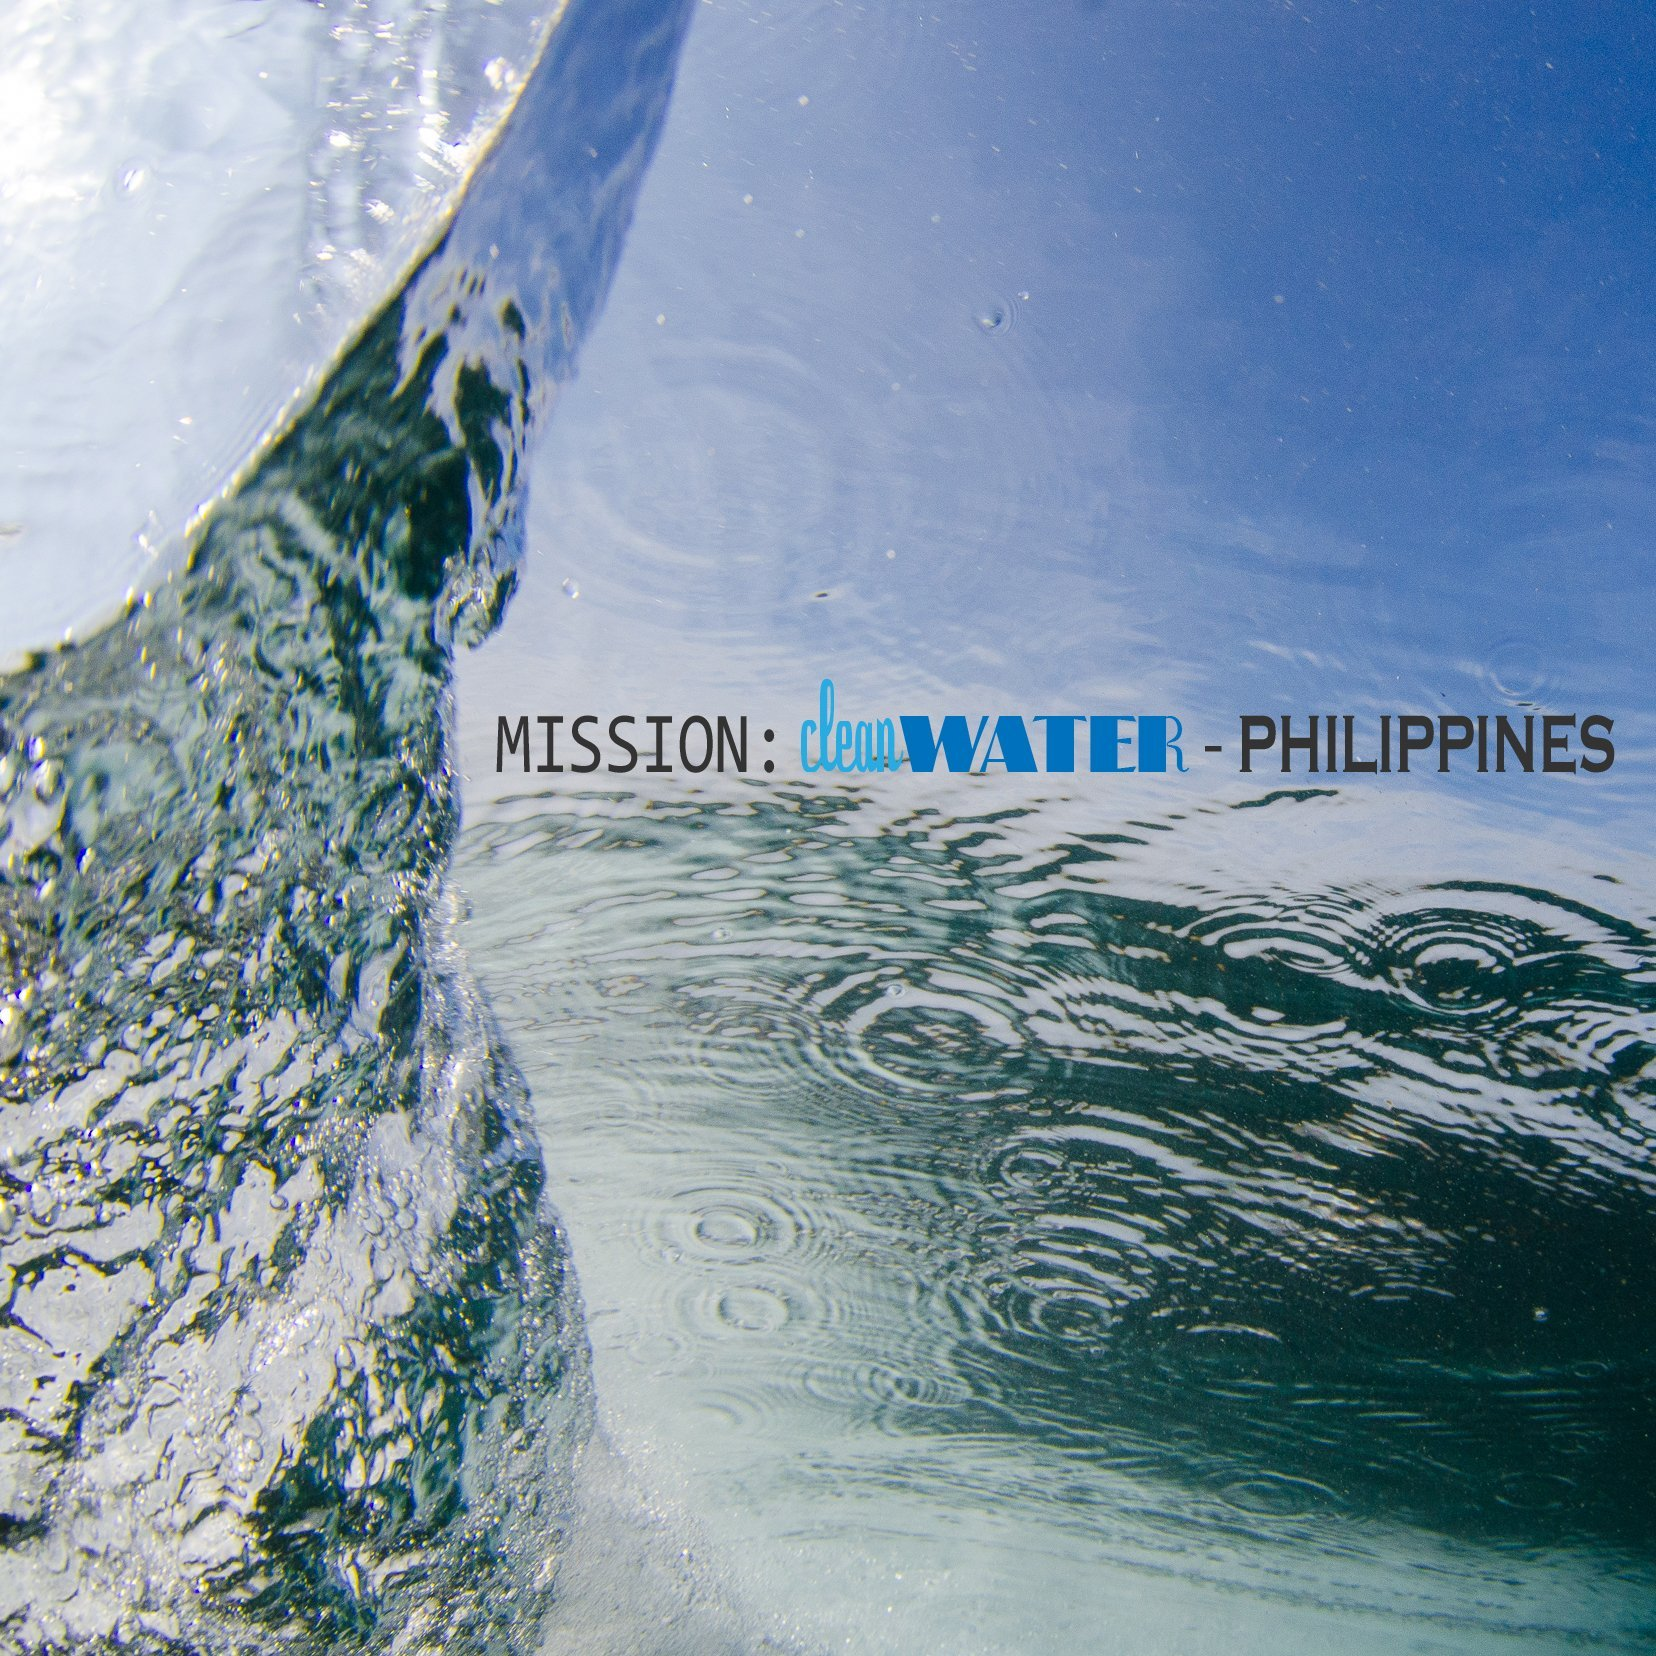 mission2015-1